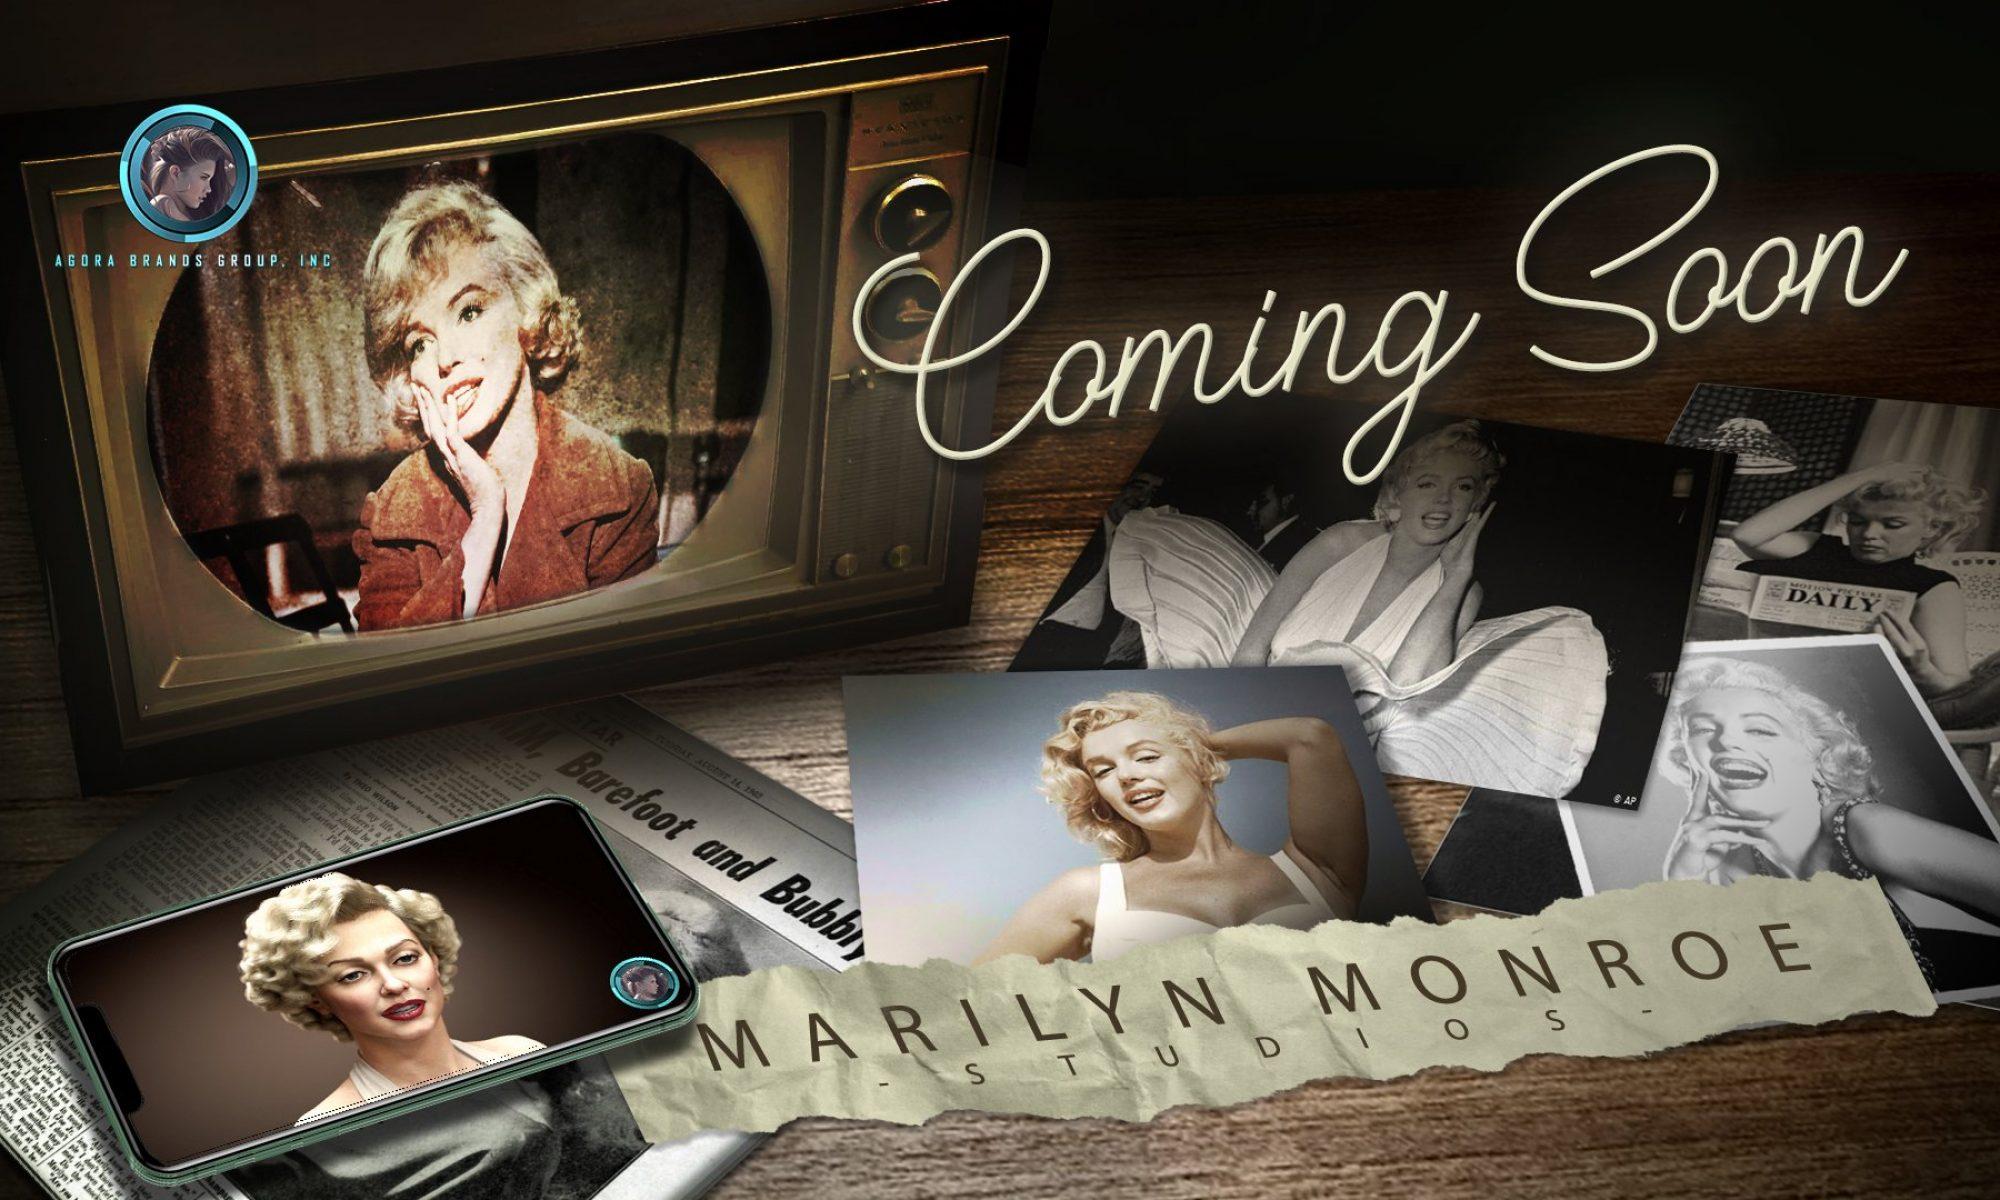 Marilyn Monroe Studios